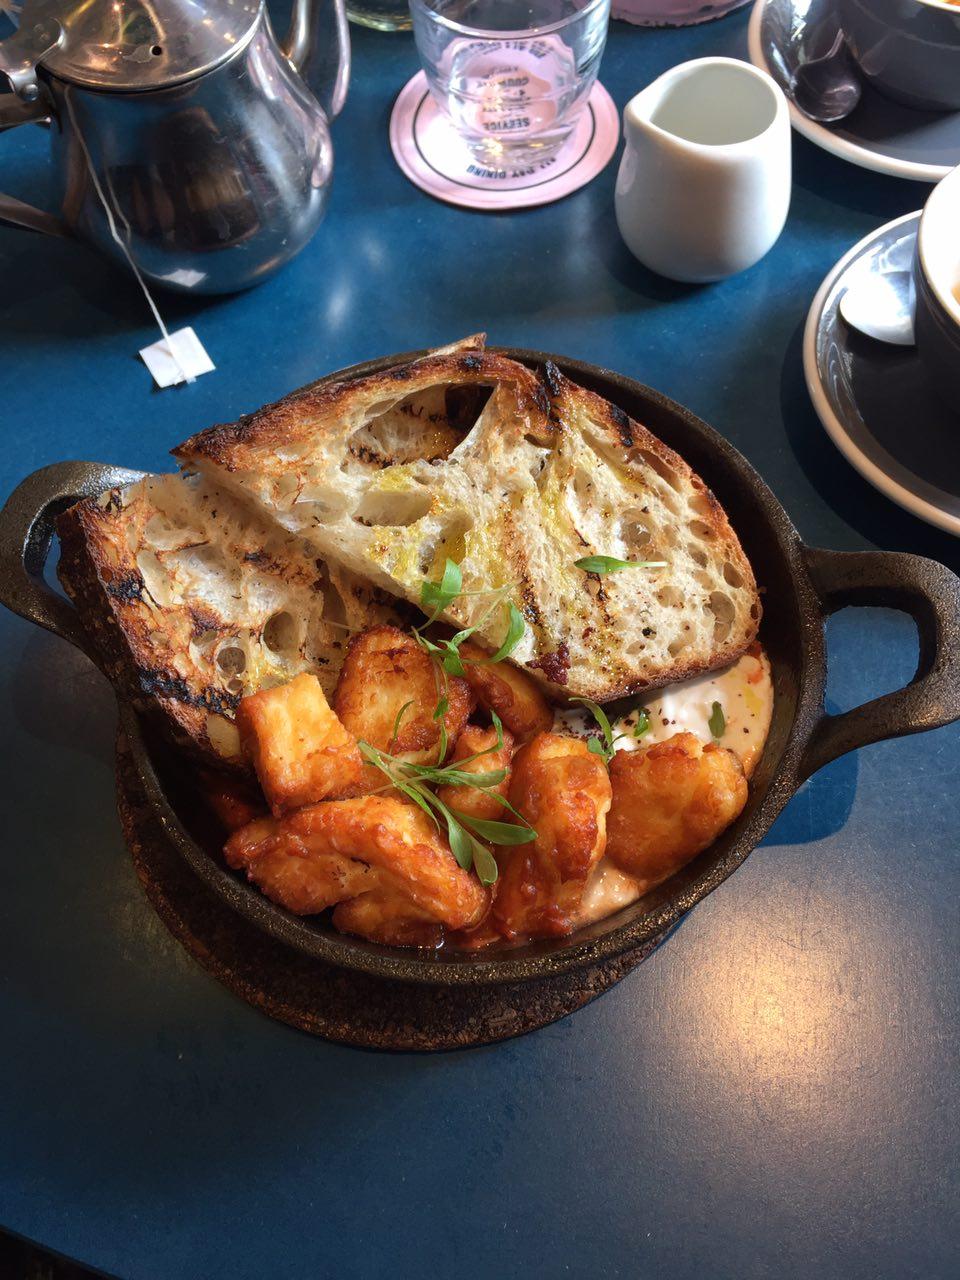 Ed's shakshuka with crispy halloumi at The Good Egg, Soho